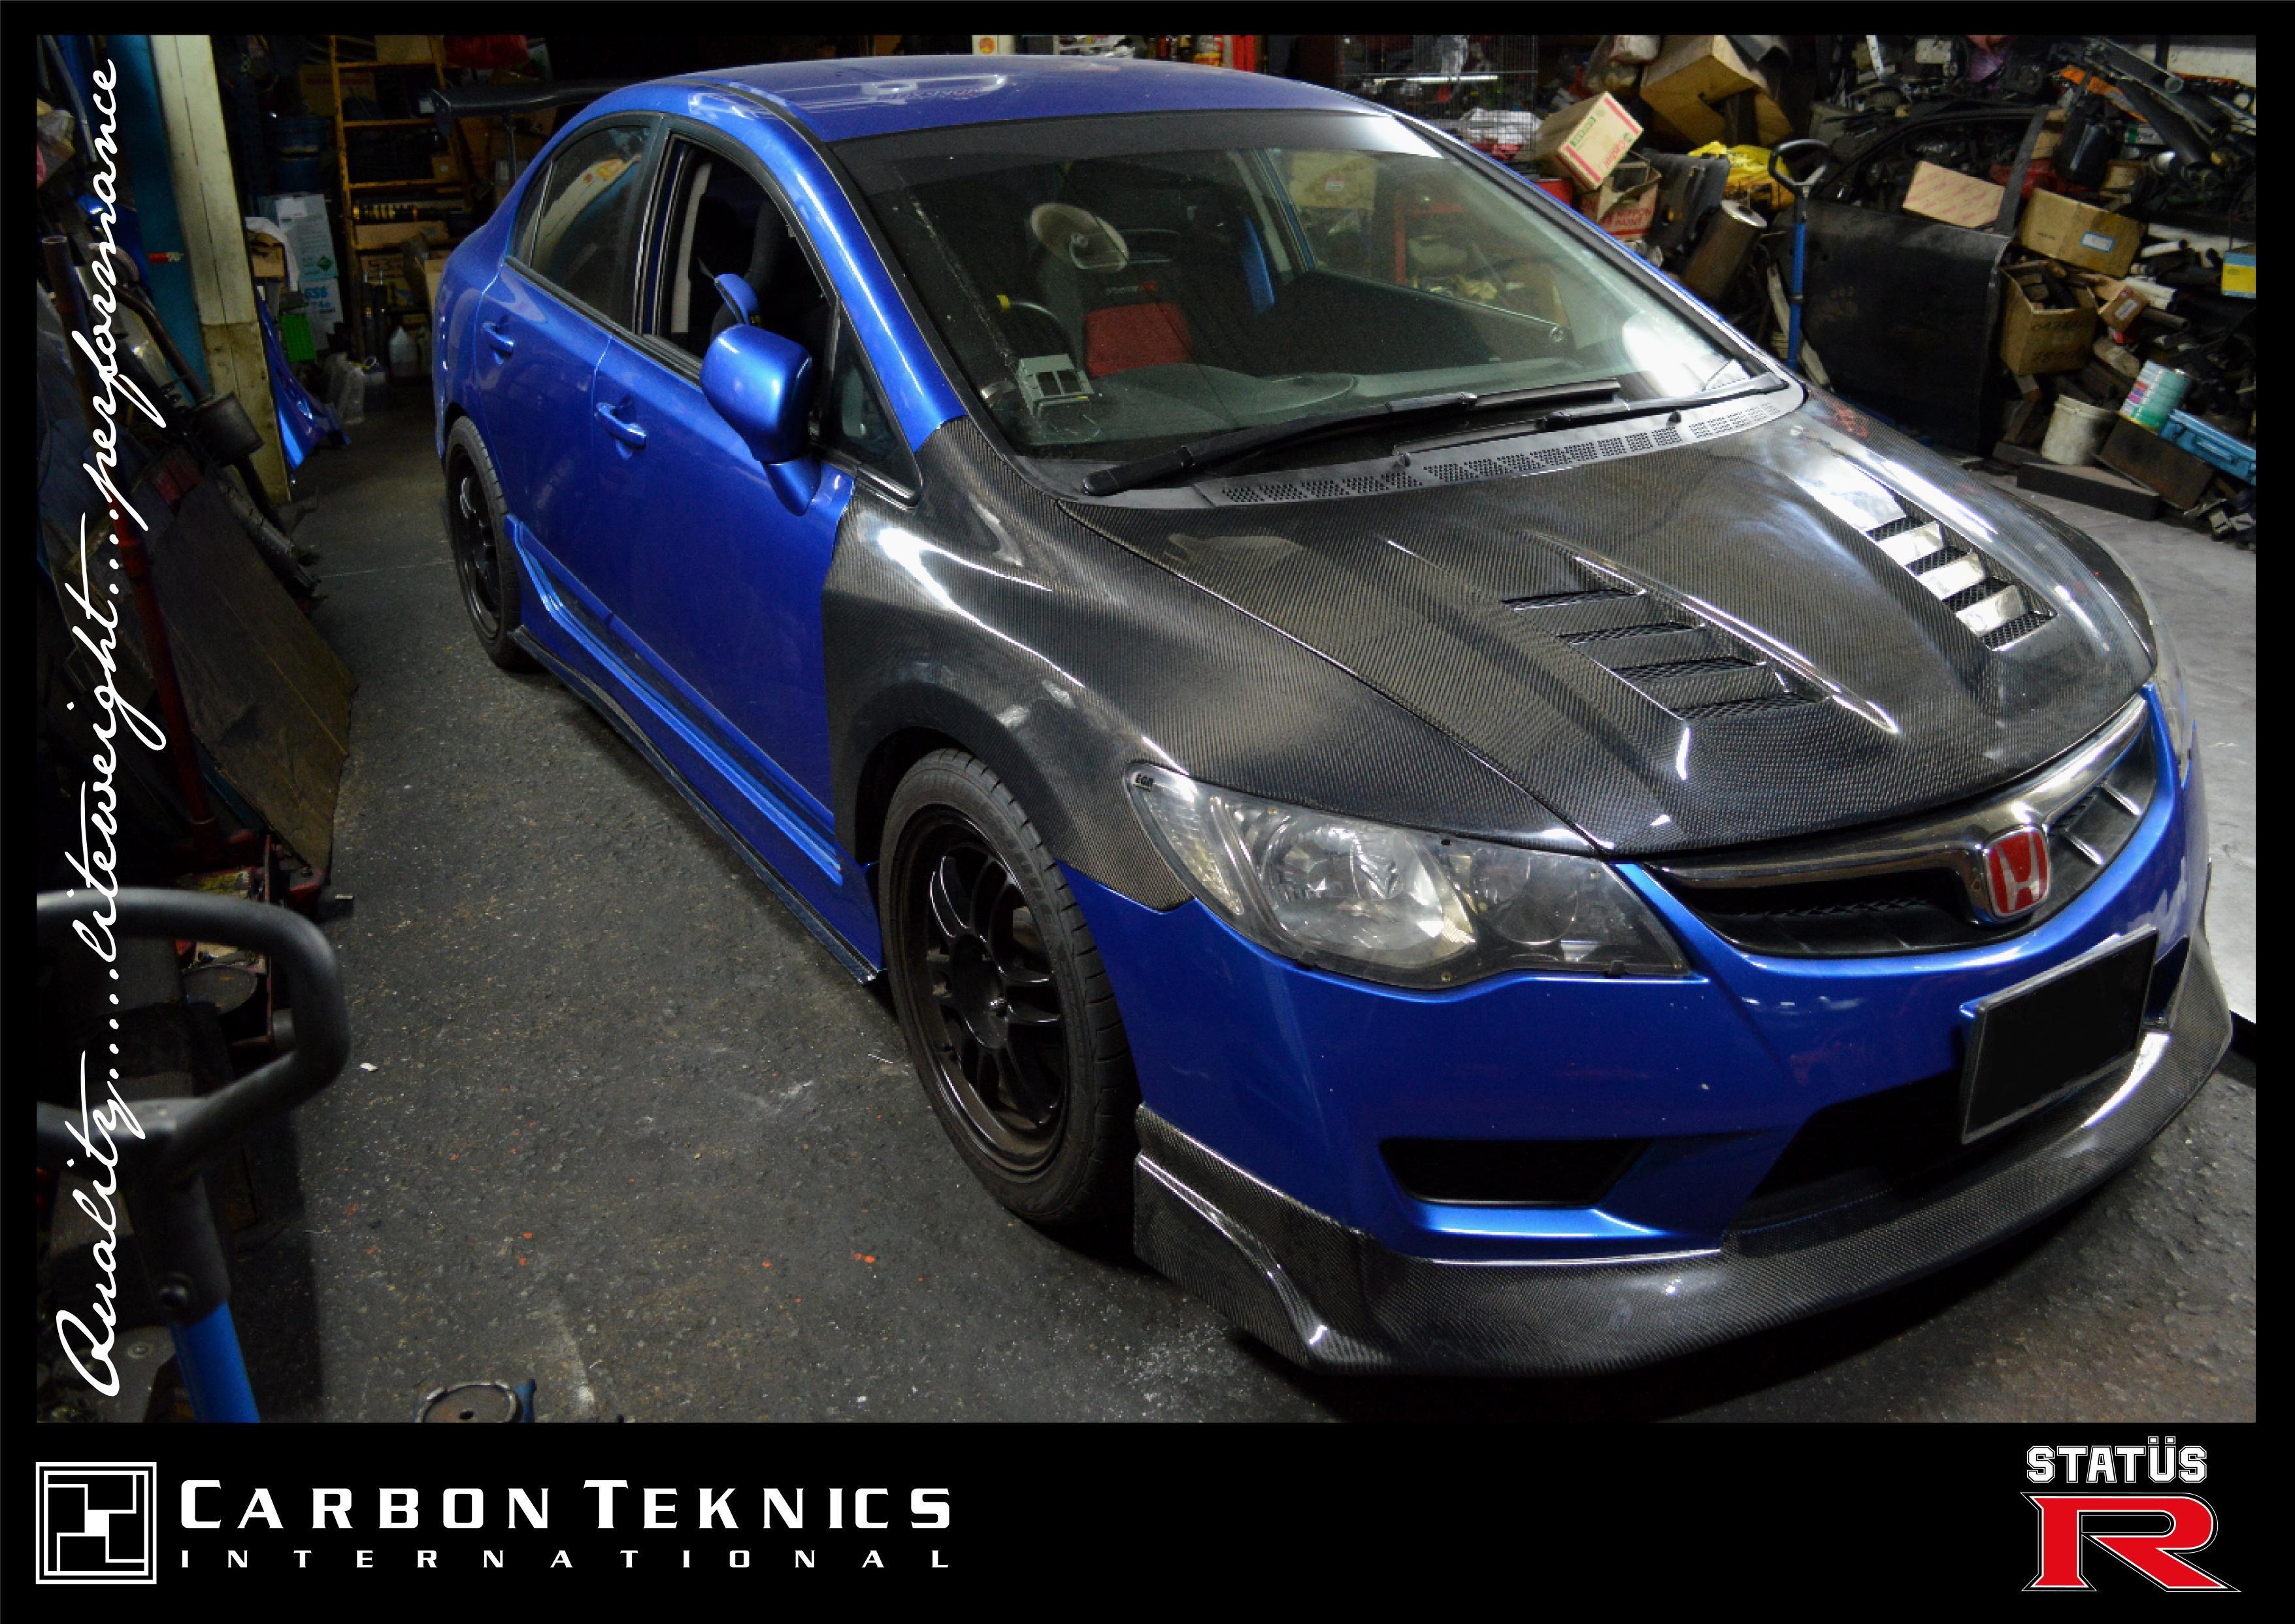 Honda civic 17 lx honda pinterest honda civic honda and honda civic sedan